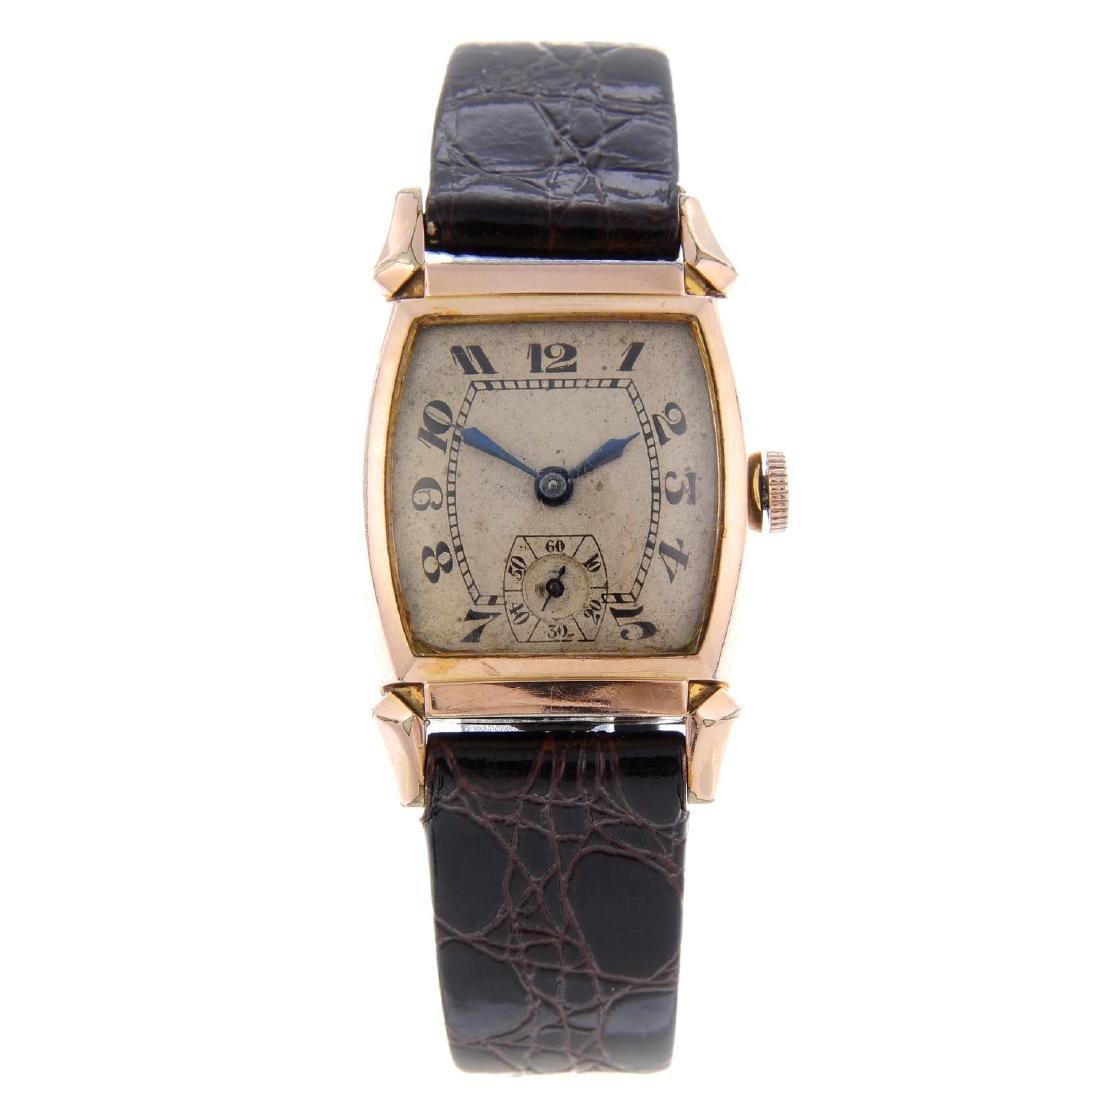 BULOVA - a gentleman's wrist watch. Gold plated case